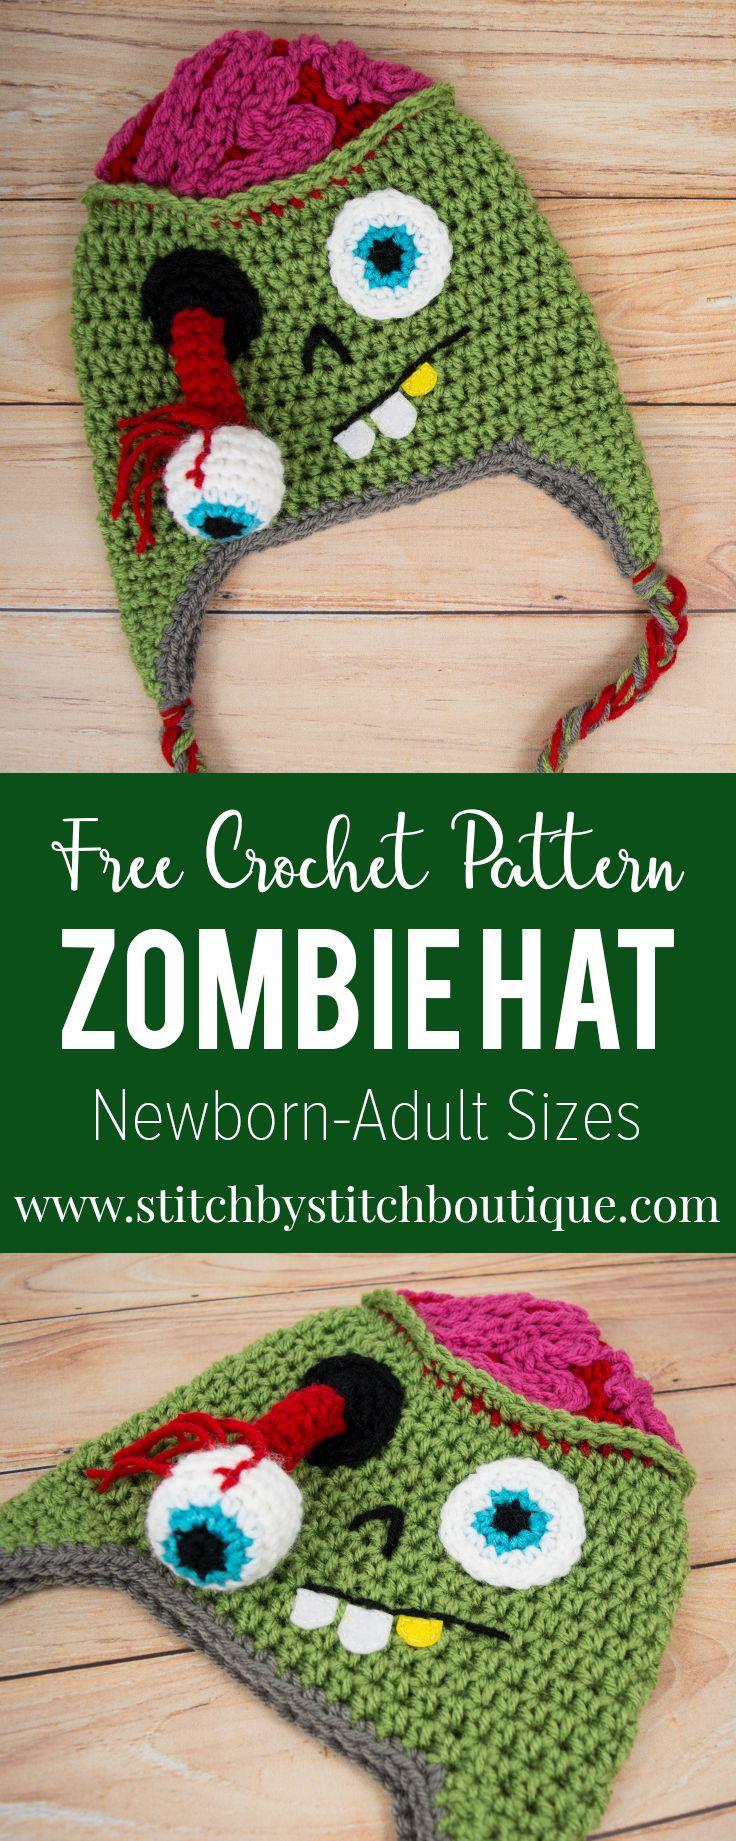 Zombie Hat | Gorros, Tejido y Gorro tejido